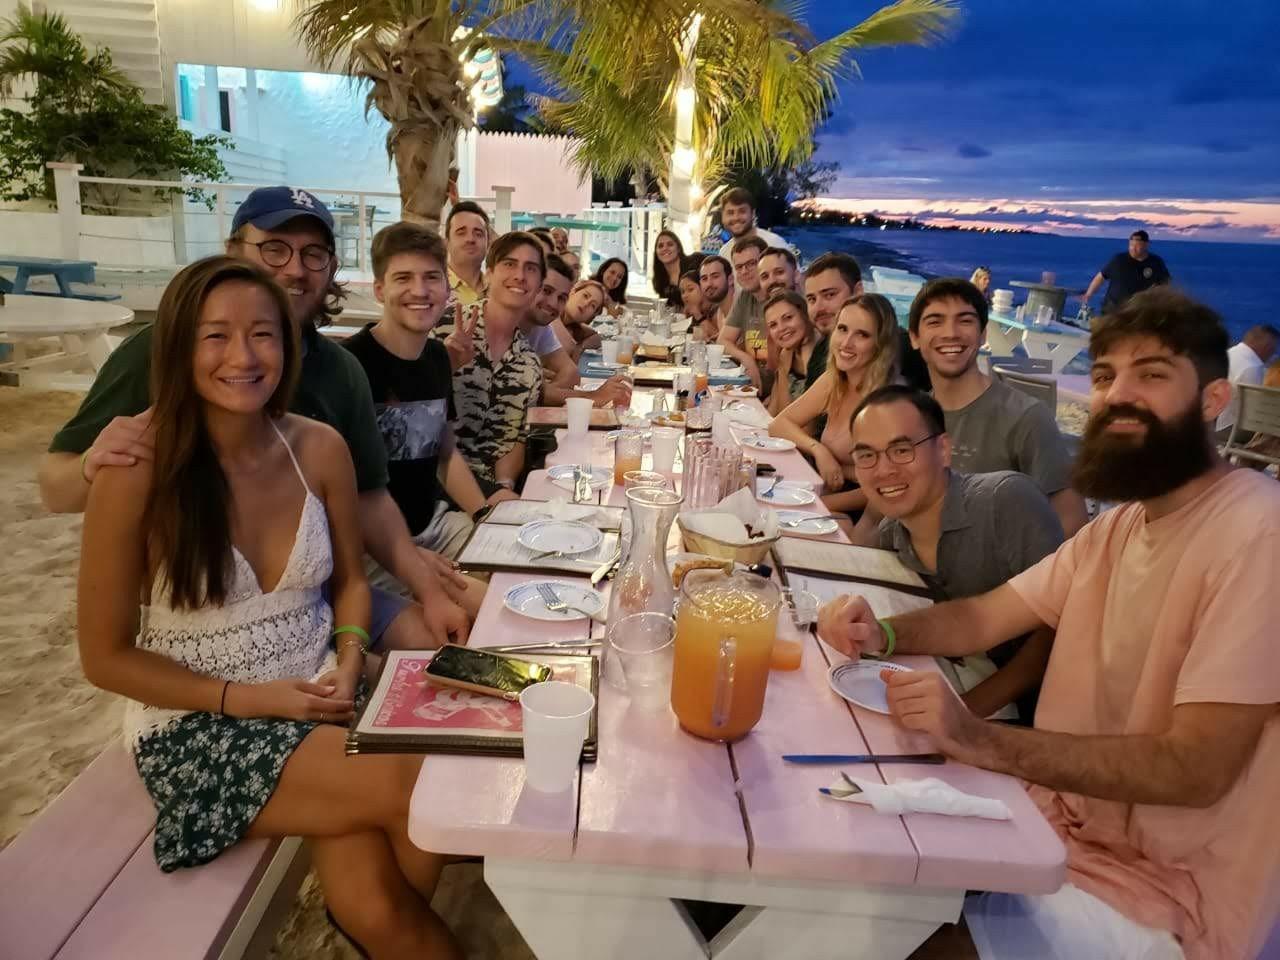 Turks & Caicos vacation